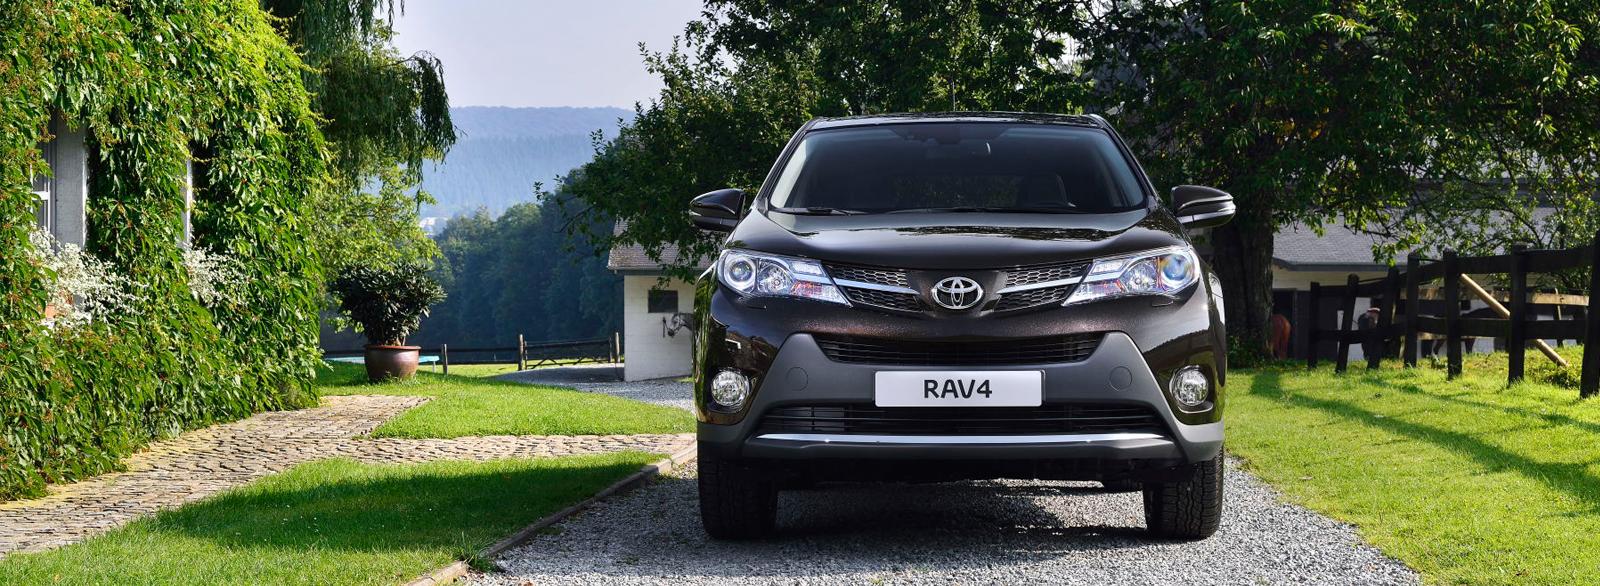 rav4-exterior-img4